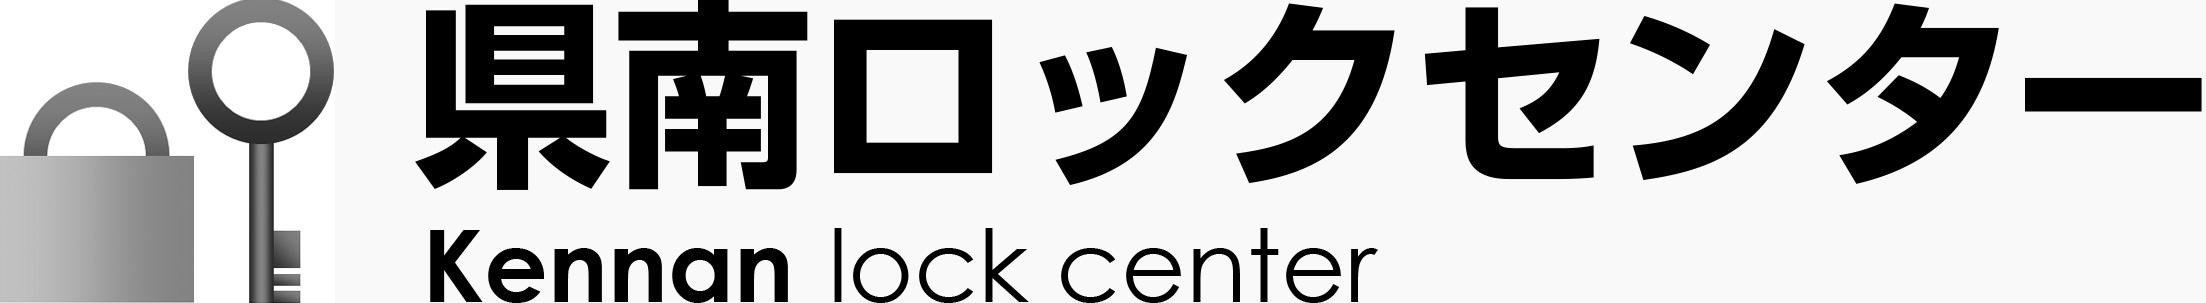 茨城牛久の合鍵・防犯カメラ・電気錠なら|県南ロックセンター